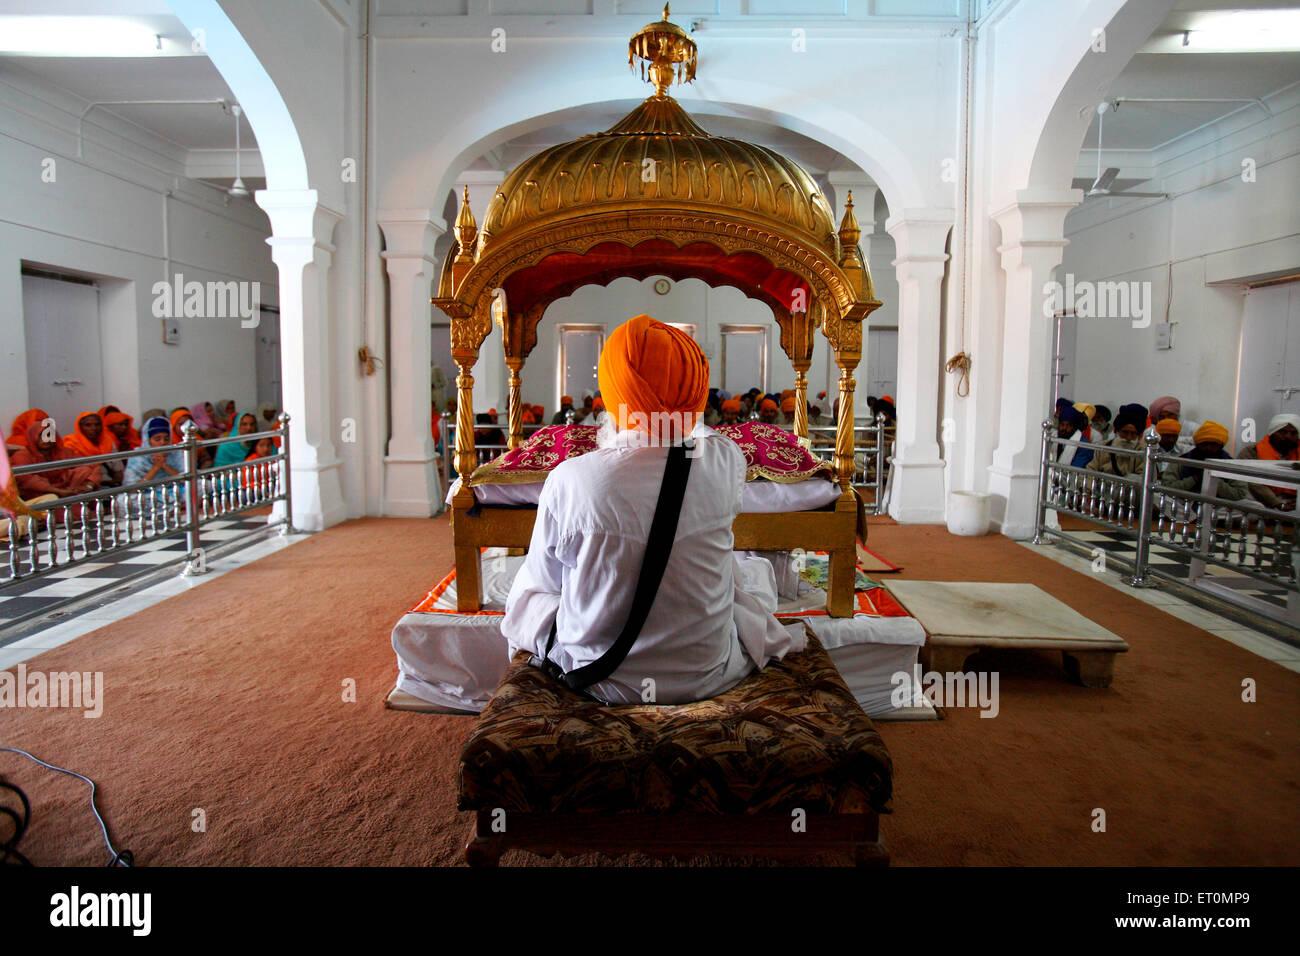 Sikh cleric waves whisk over holy Guru Granth Sahib at the Anandpur Sahib Gurudwara in Rupnagar district ; Punjab - Stock Image